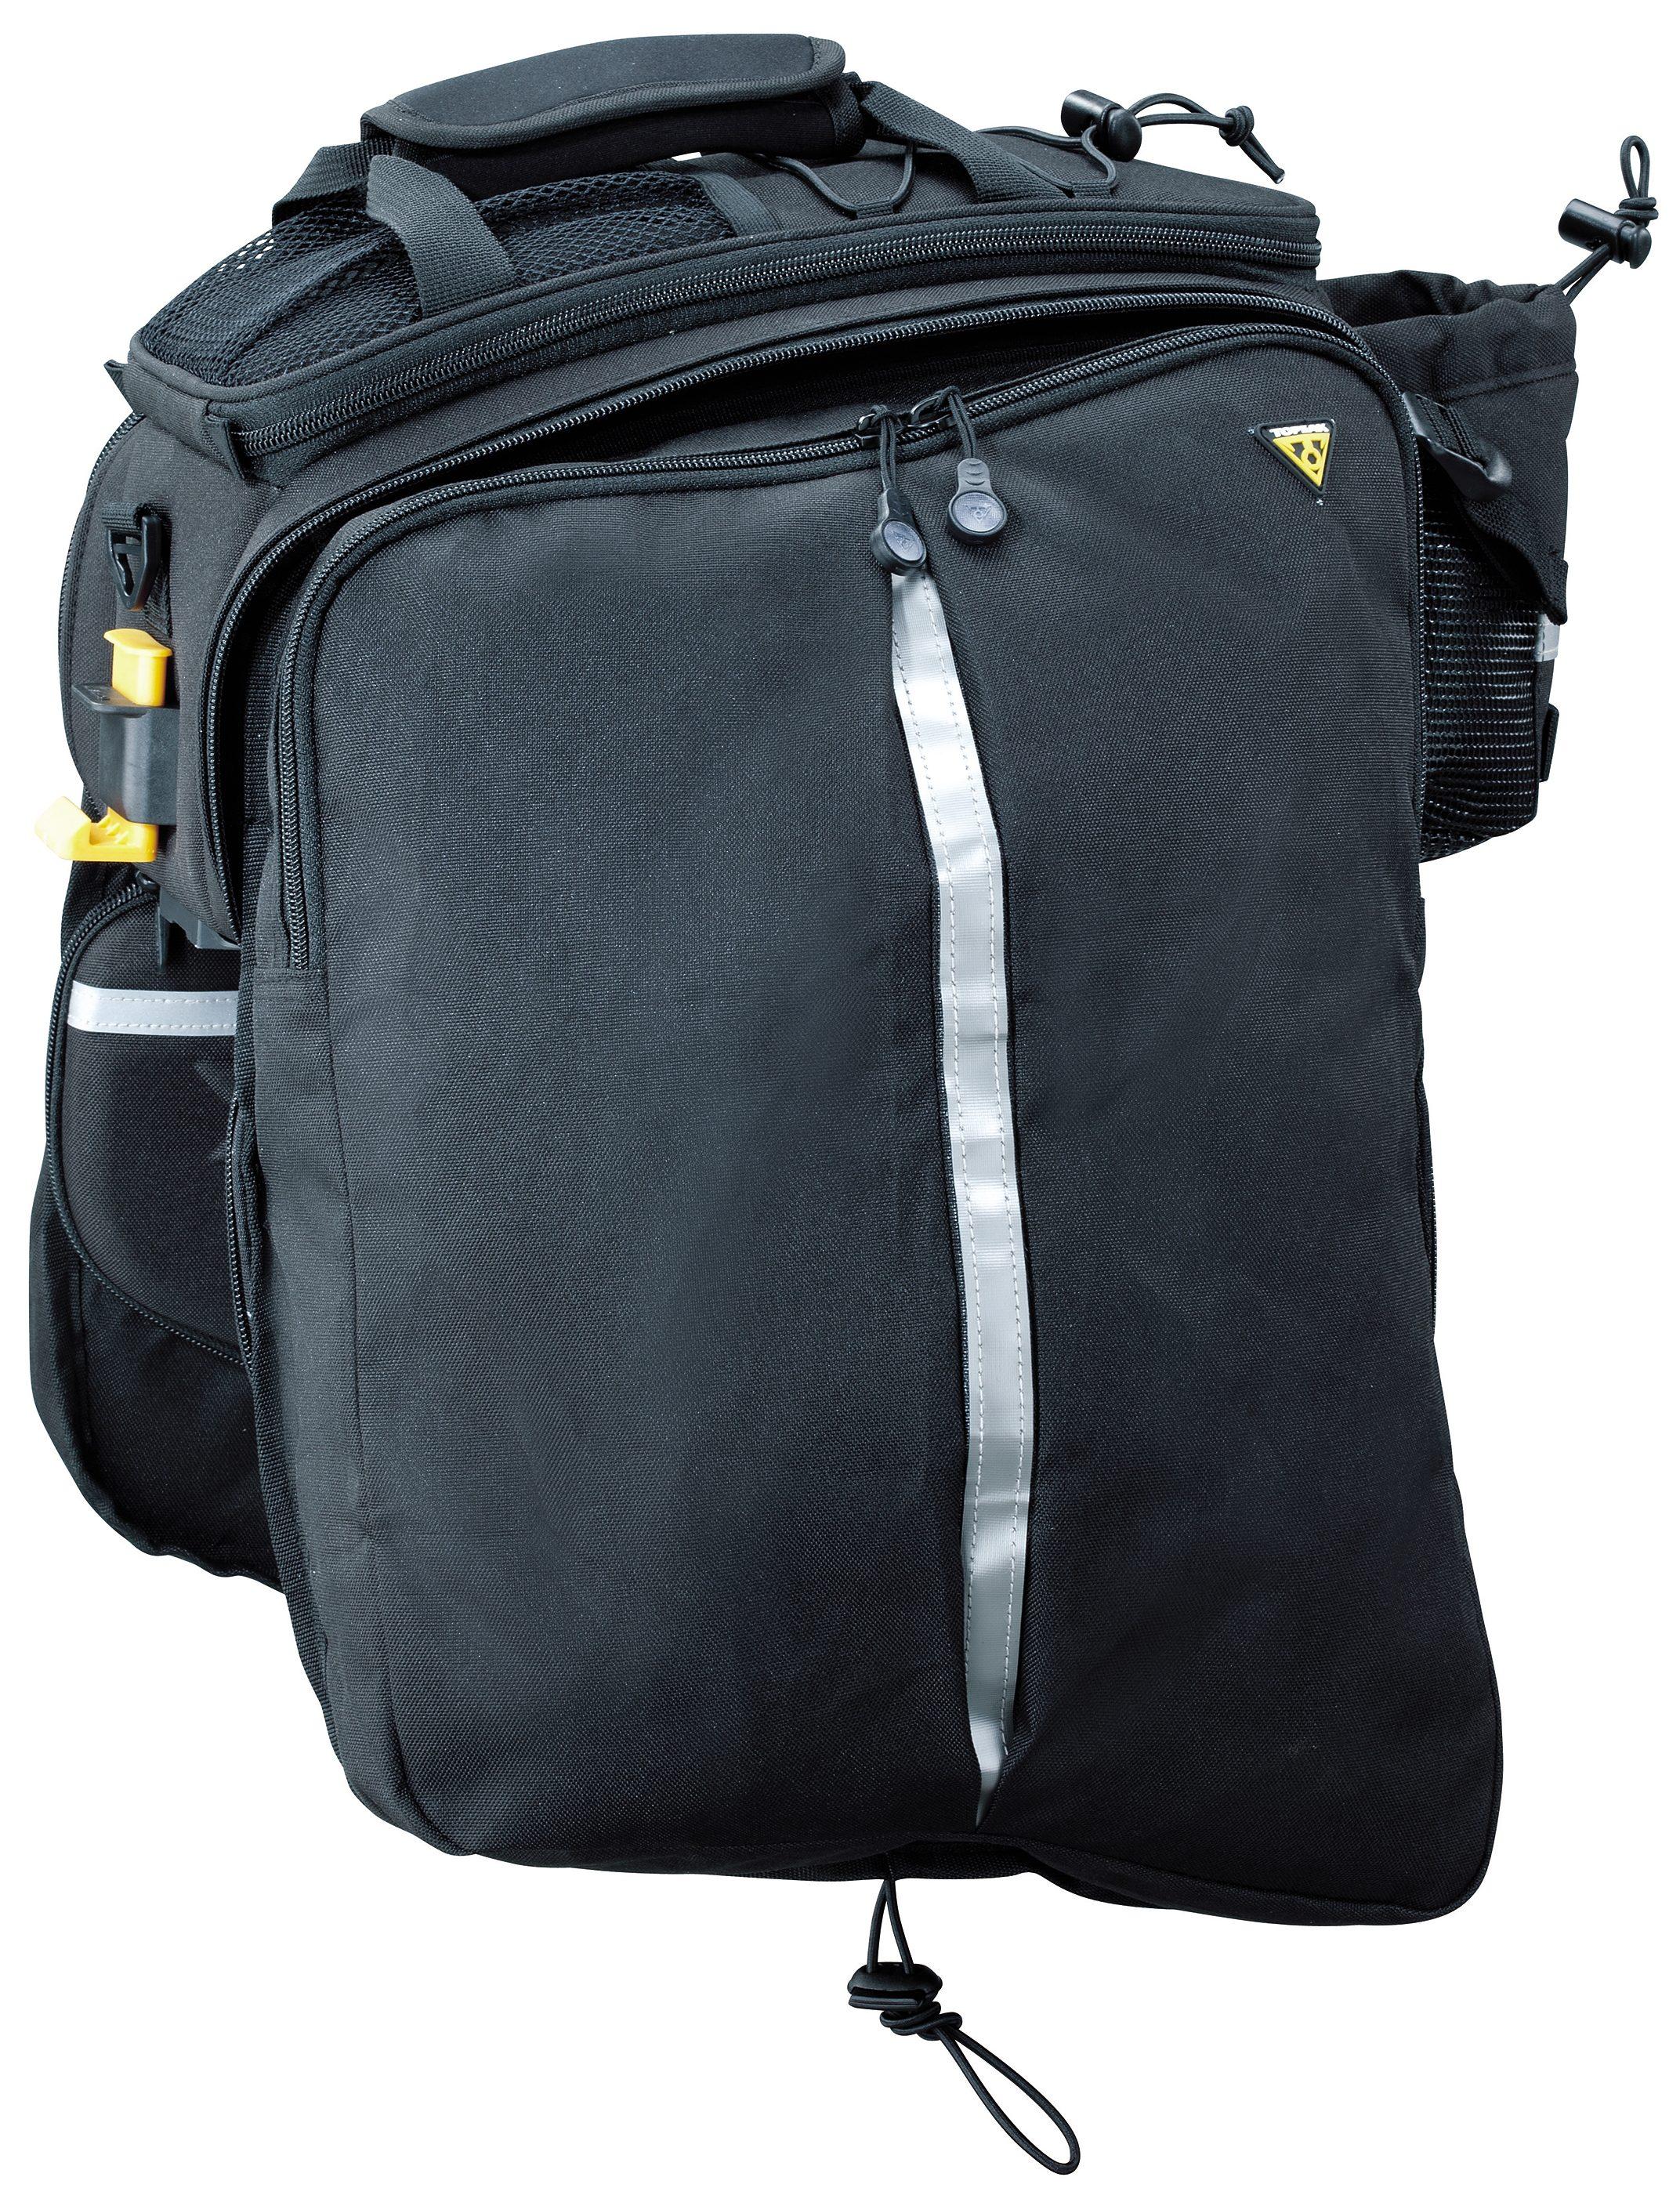 Topeak Gepäckträgertasche »MTX Trunk Bag EXP Gepäckträgertasche«